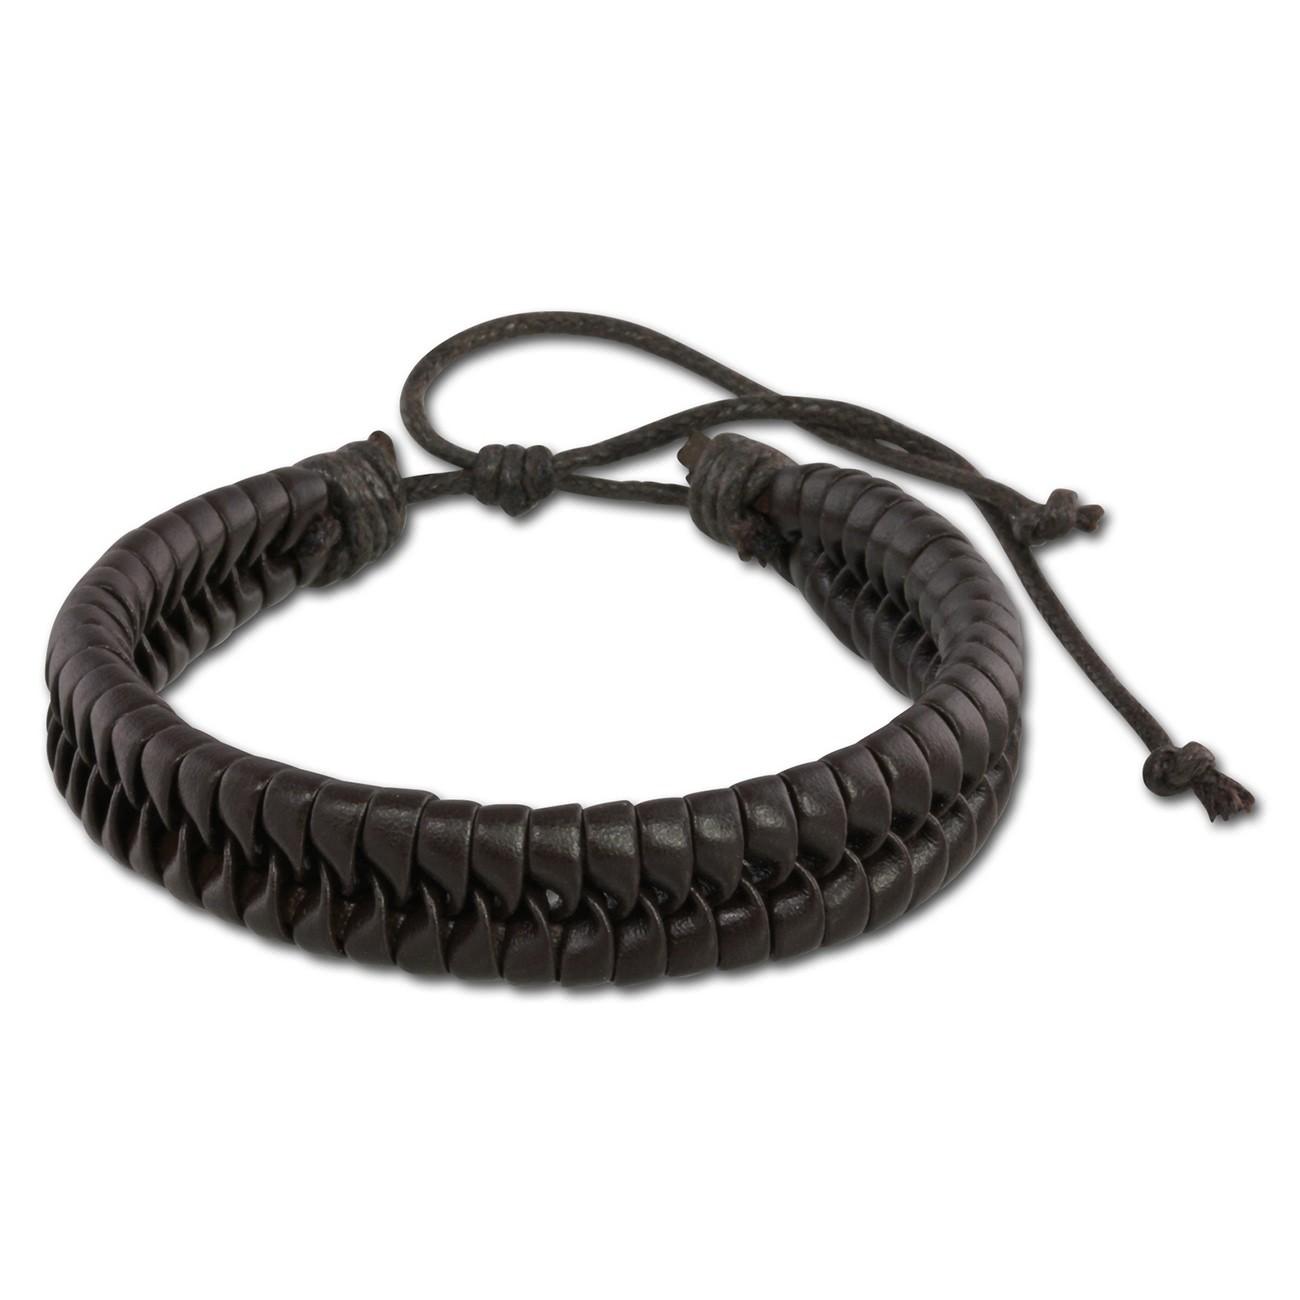 SilberDream Unisex Lederarmband braun Flechtleder Armband LAP532B